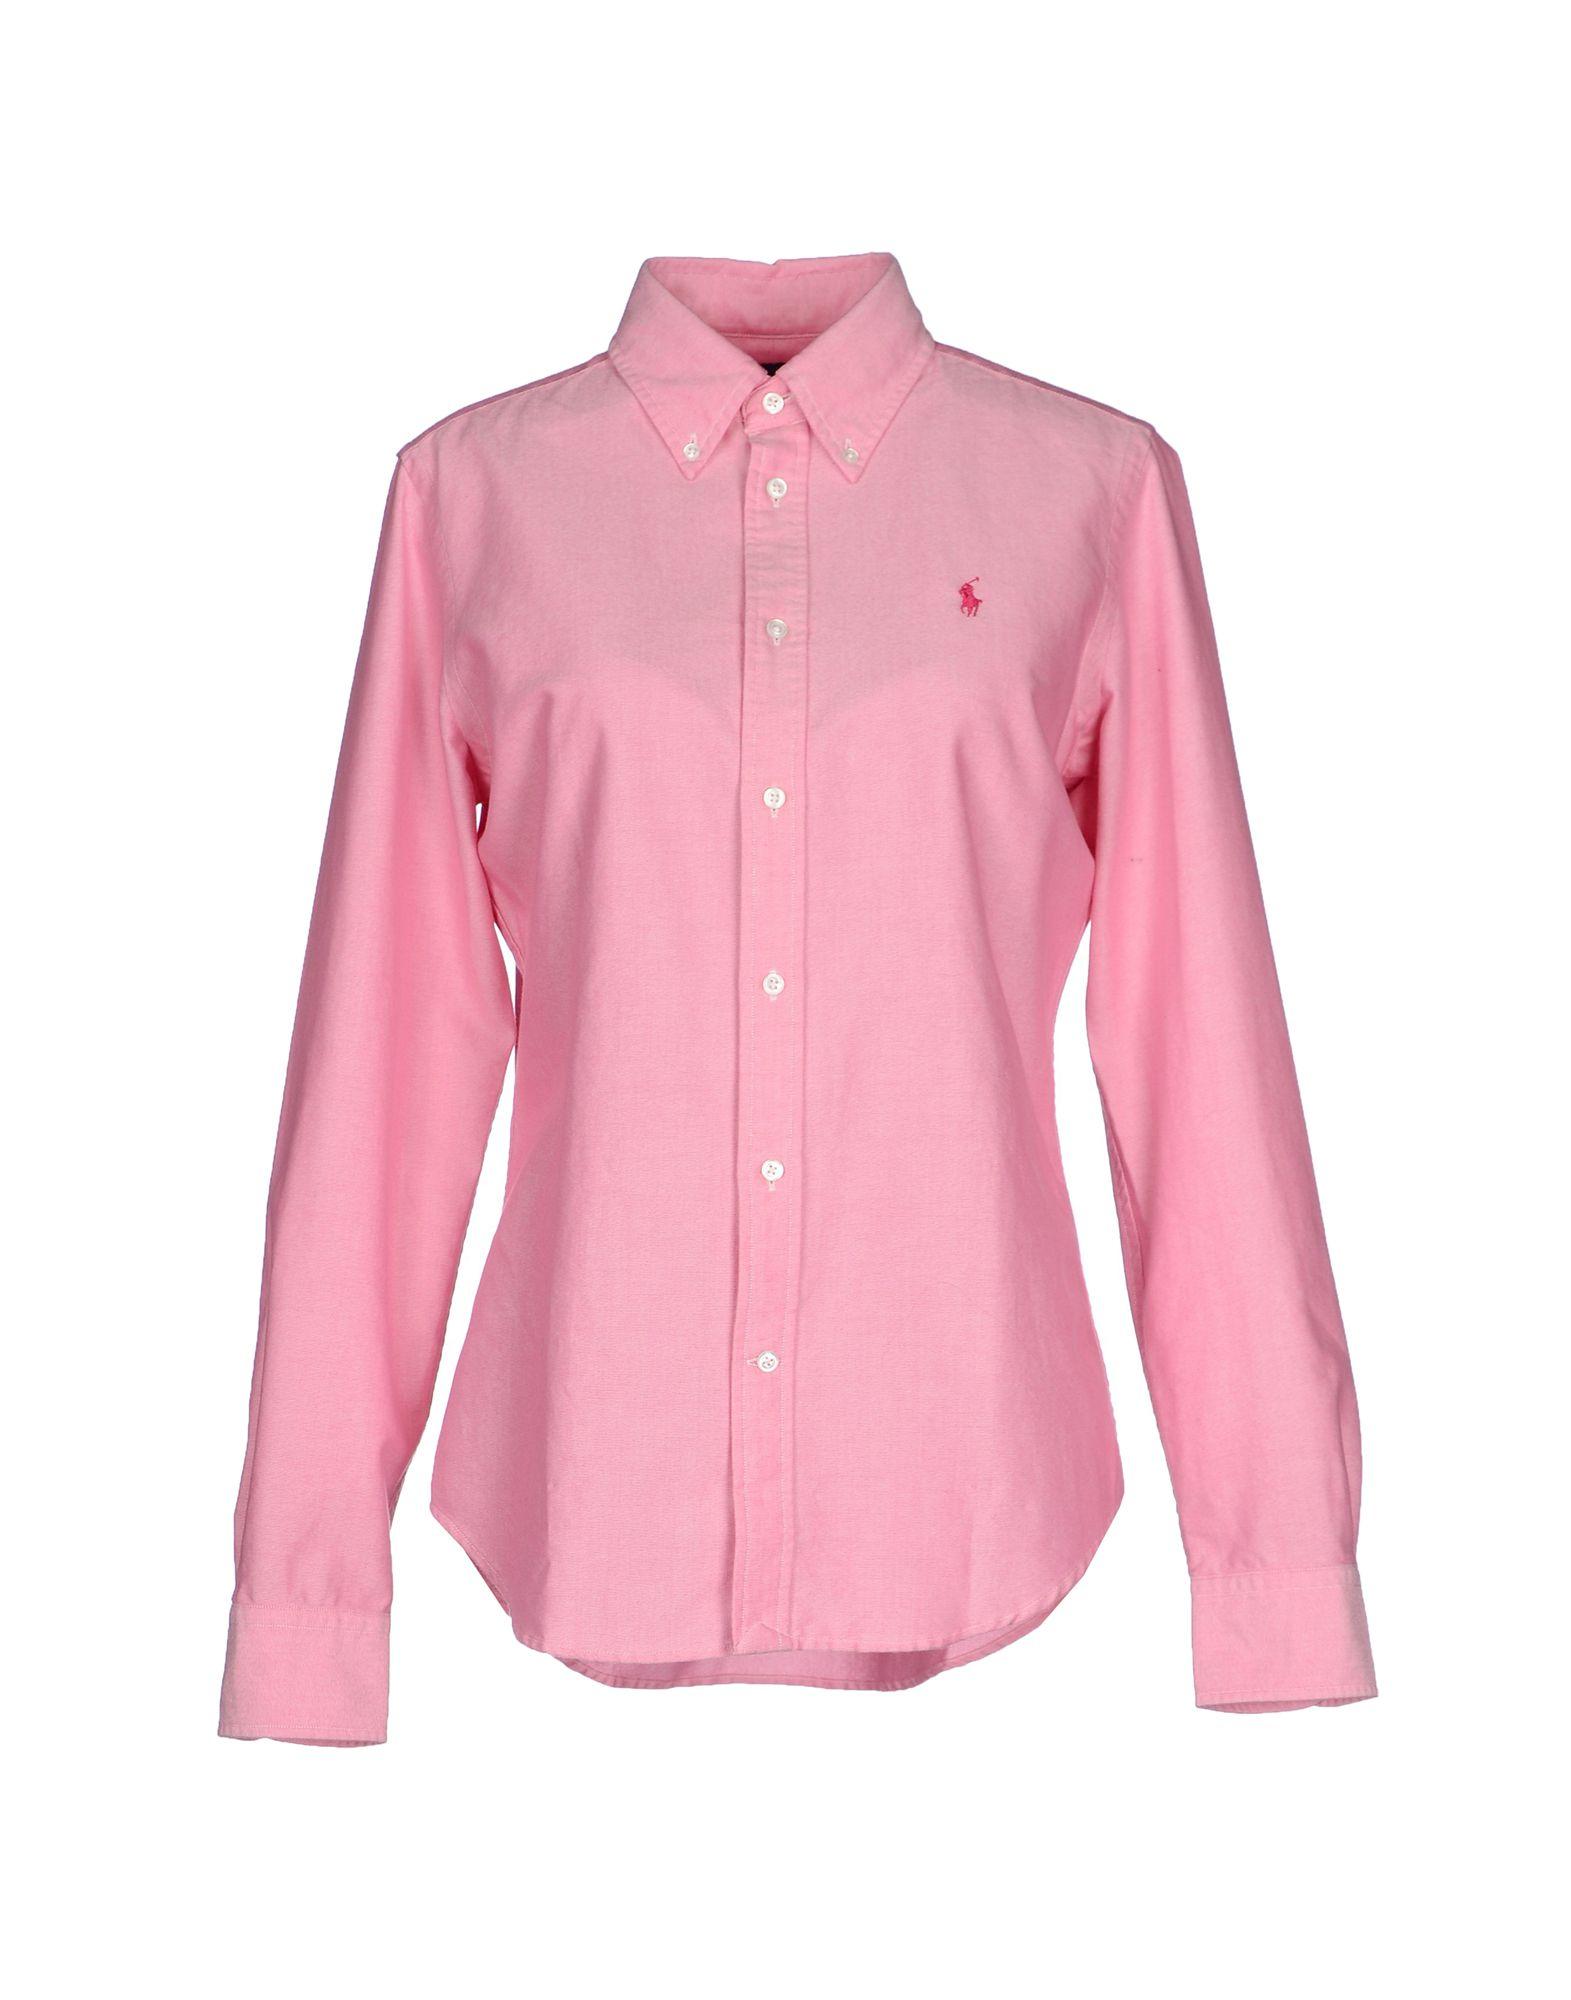 Ralph lauren shirt in pink lyst for Pink and white ralph lauren shirt